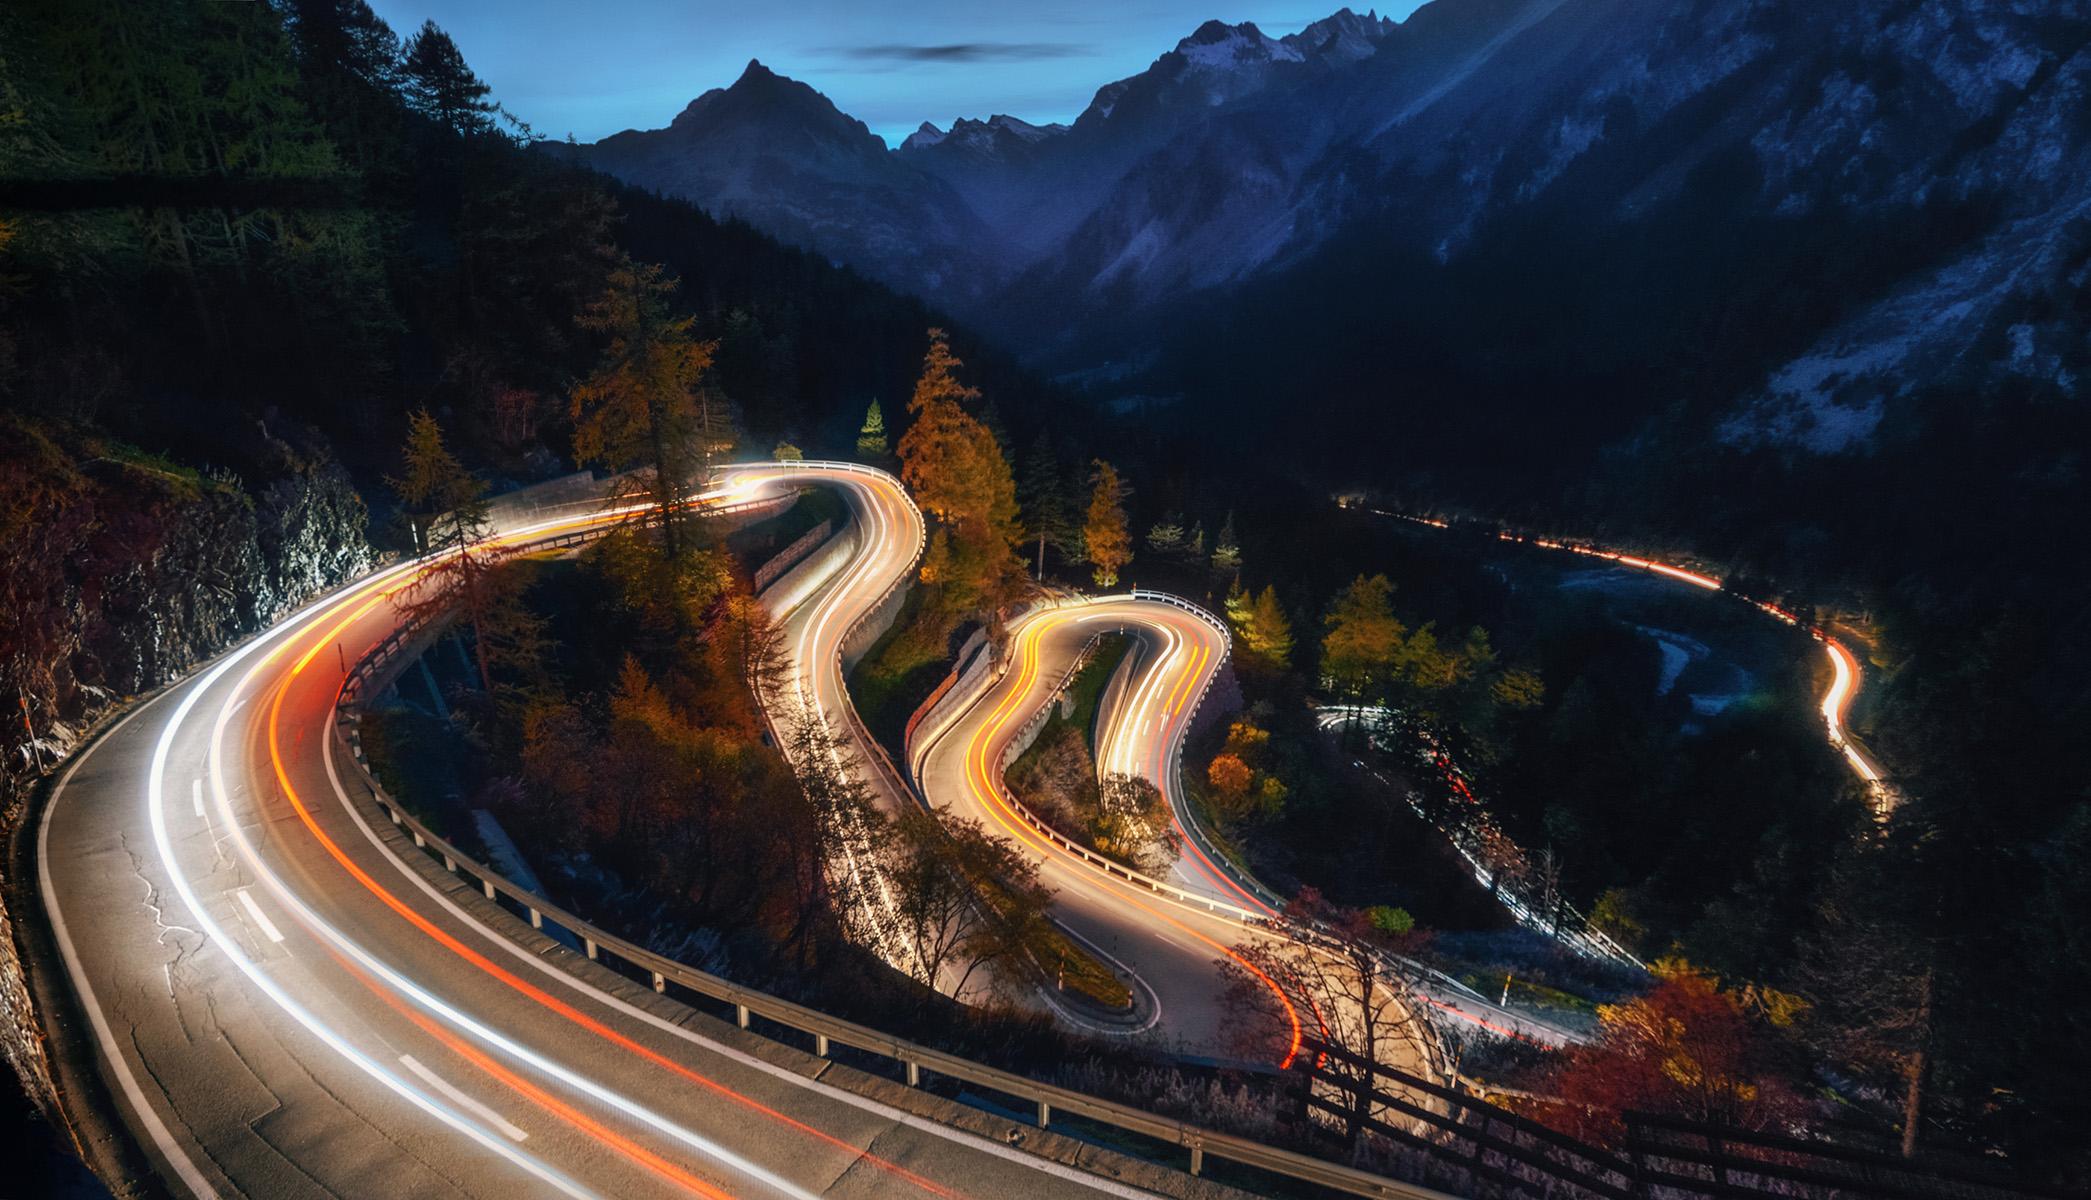 Maloja Pass at night